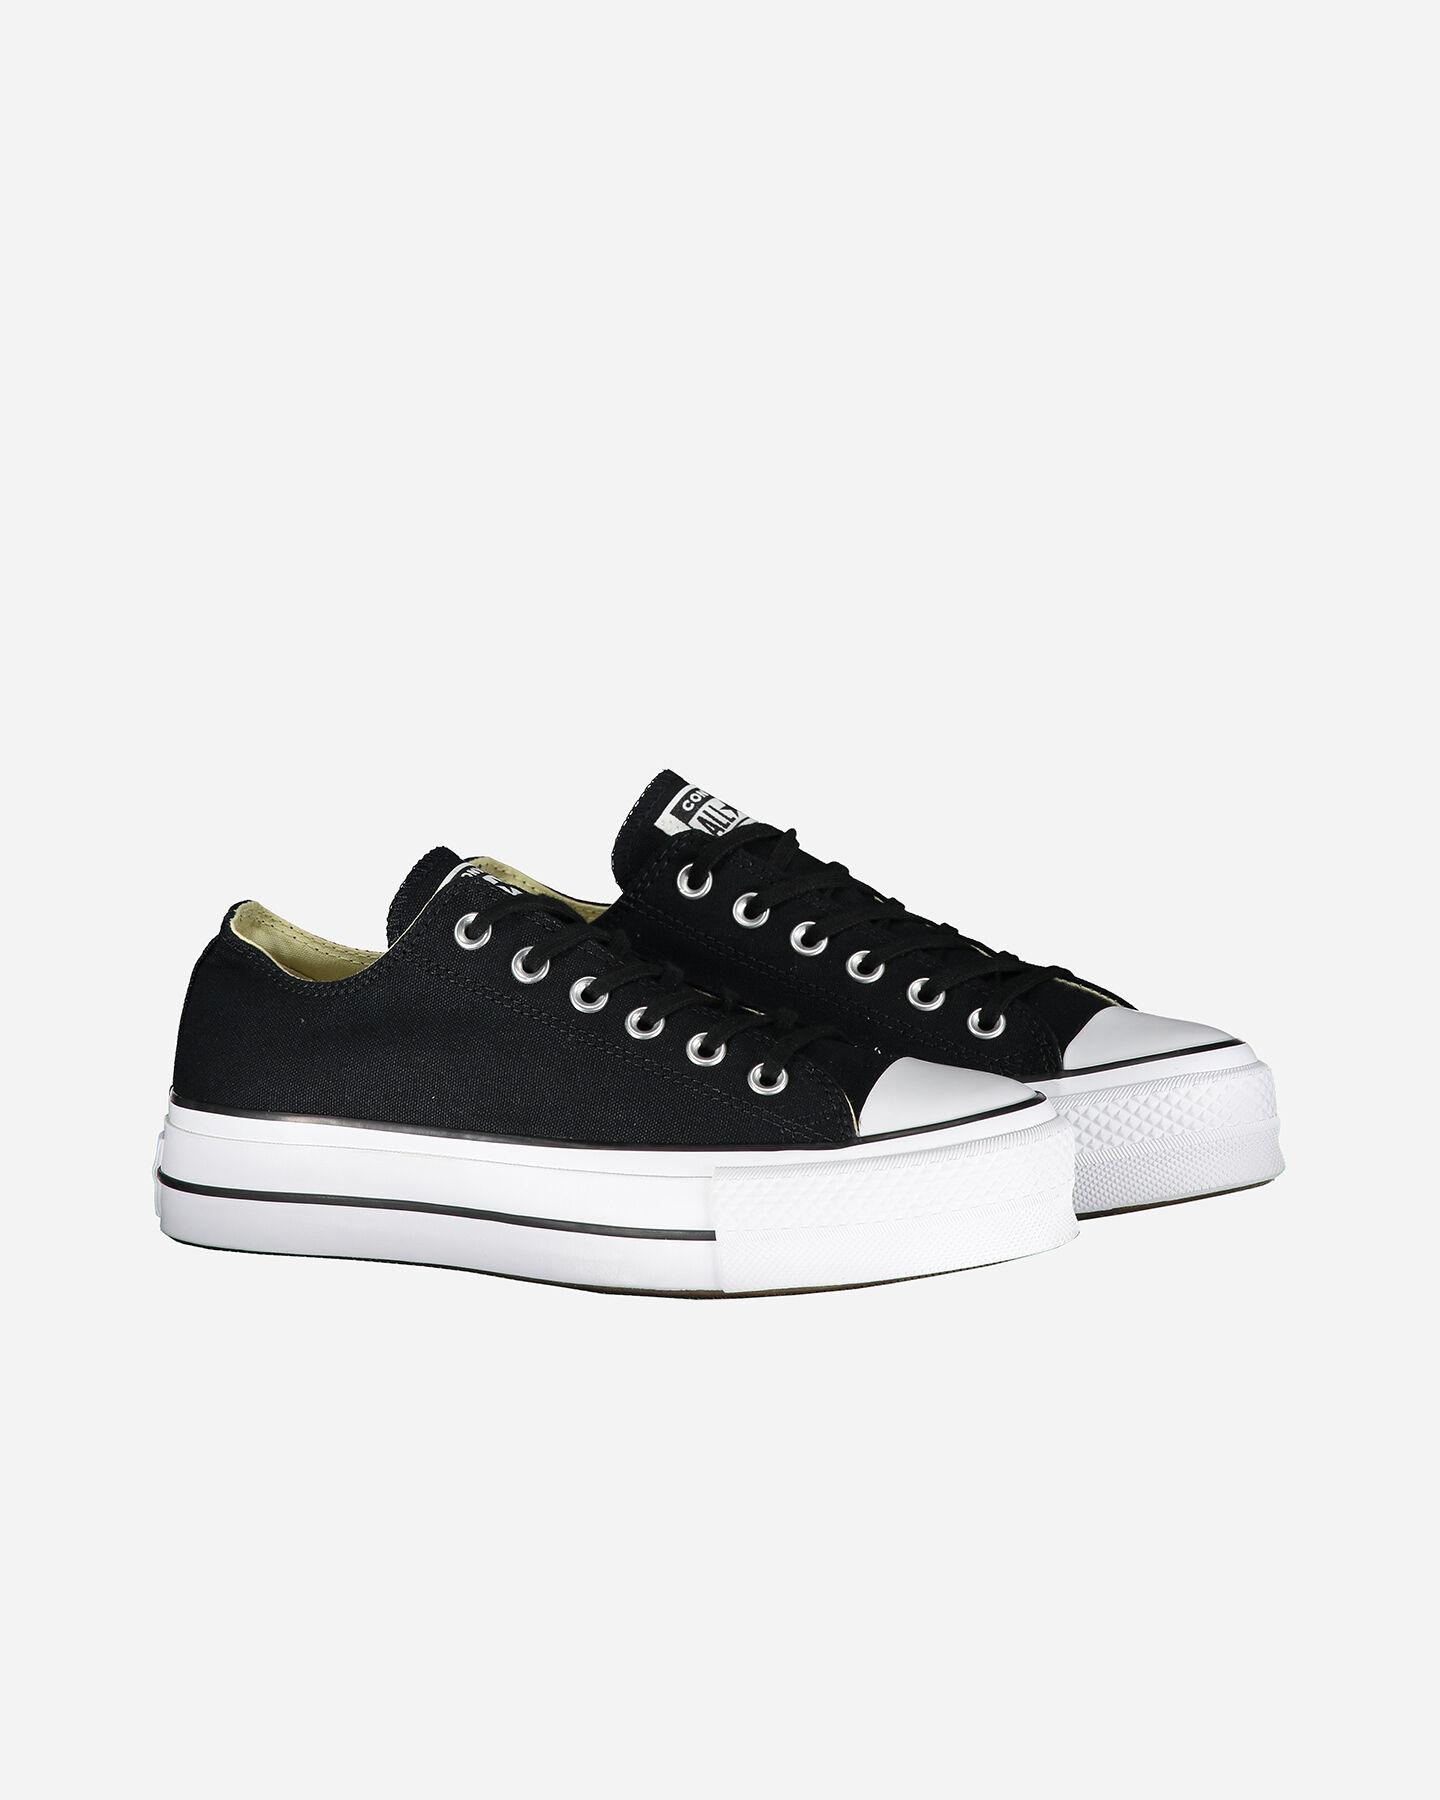 Scarpe sneakers CONVERSE CHUCK TAYLOR ALL STAR HI LIFT W S4046983 scatto 1